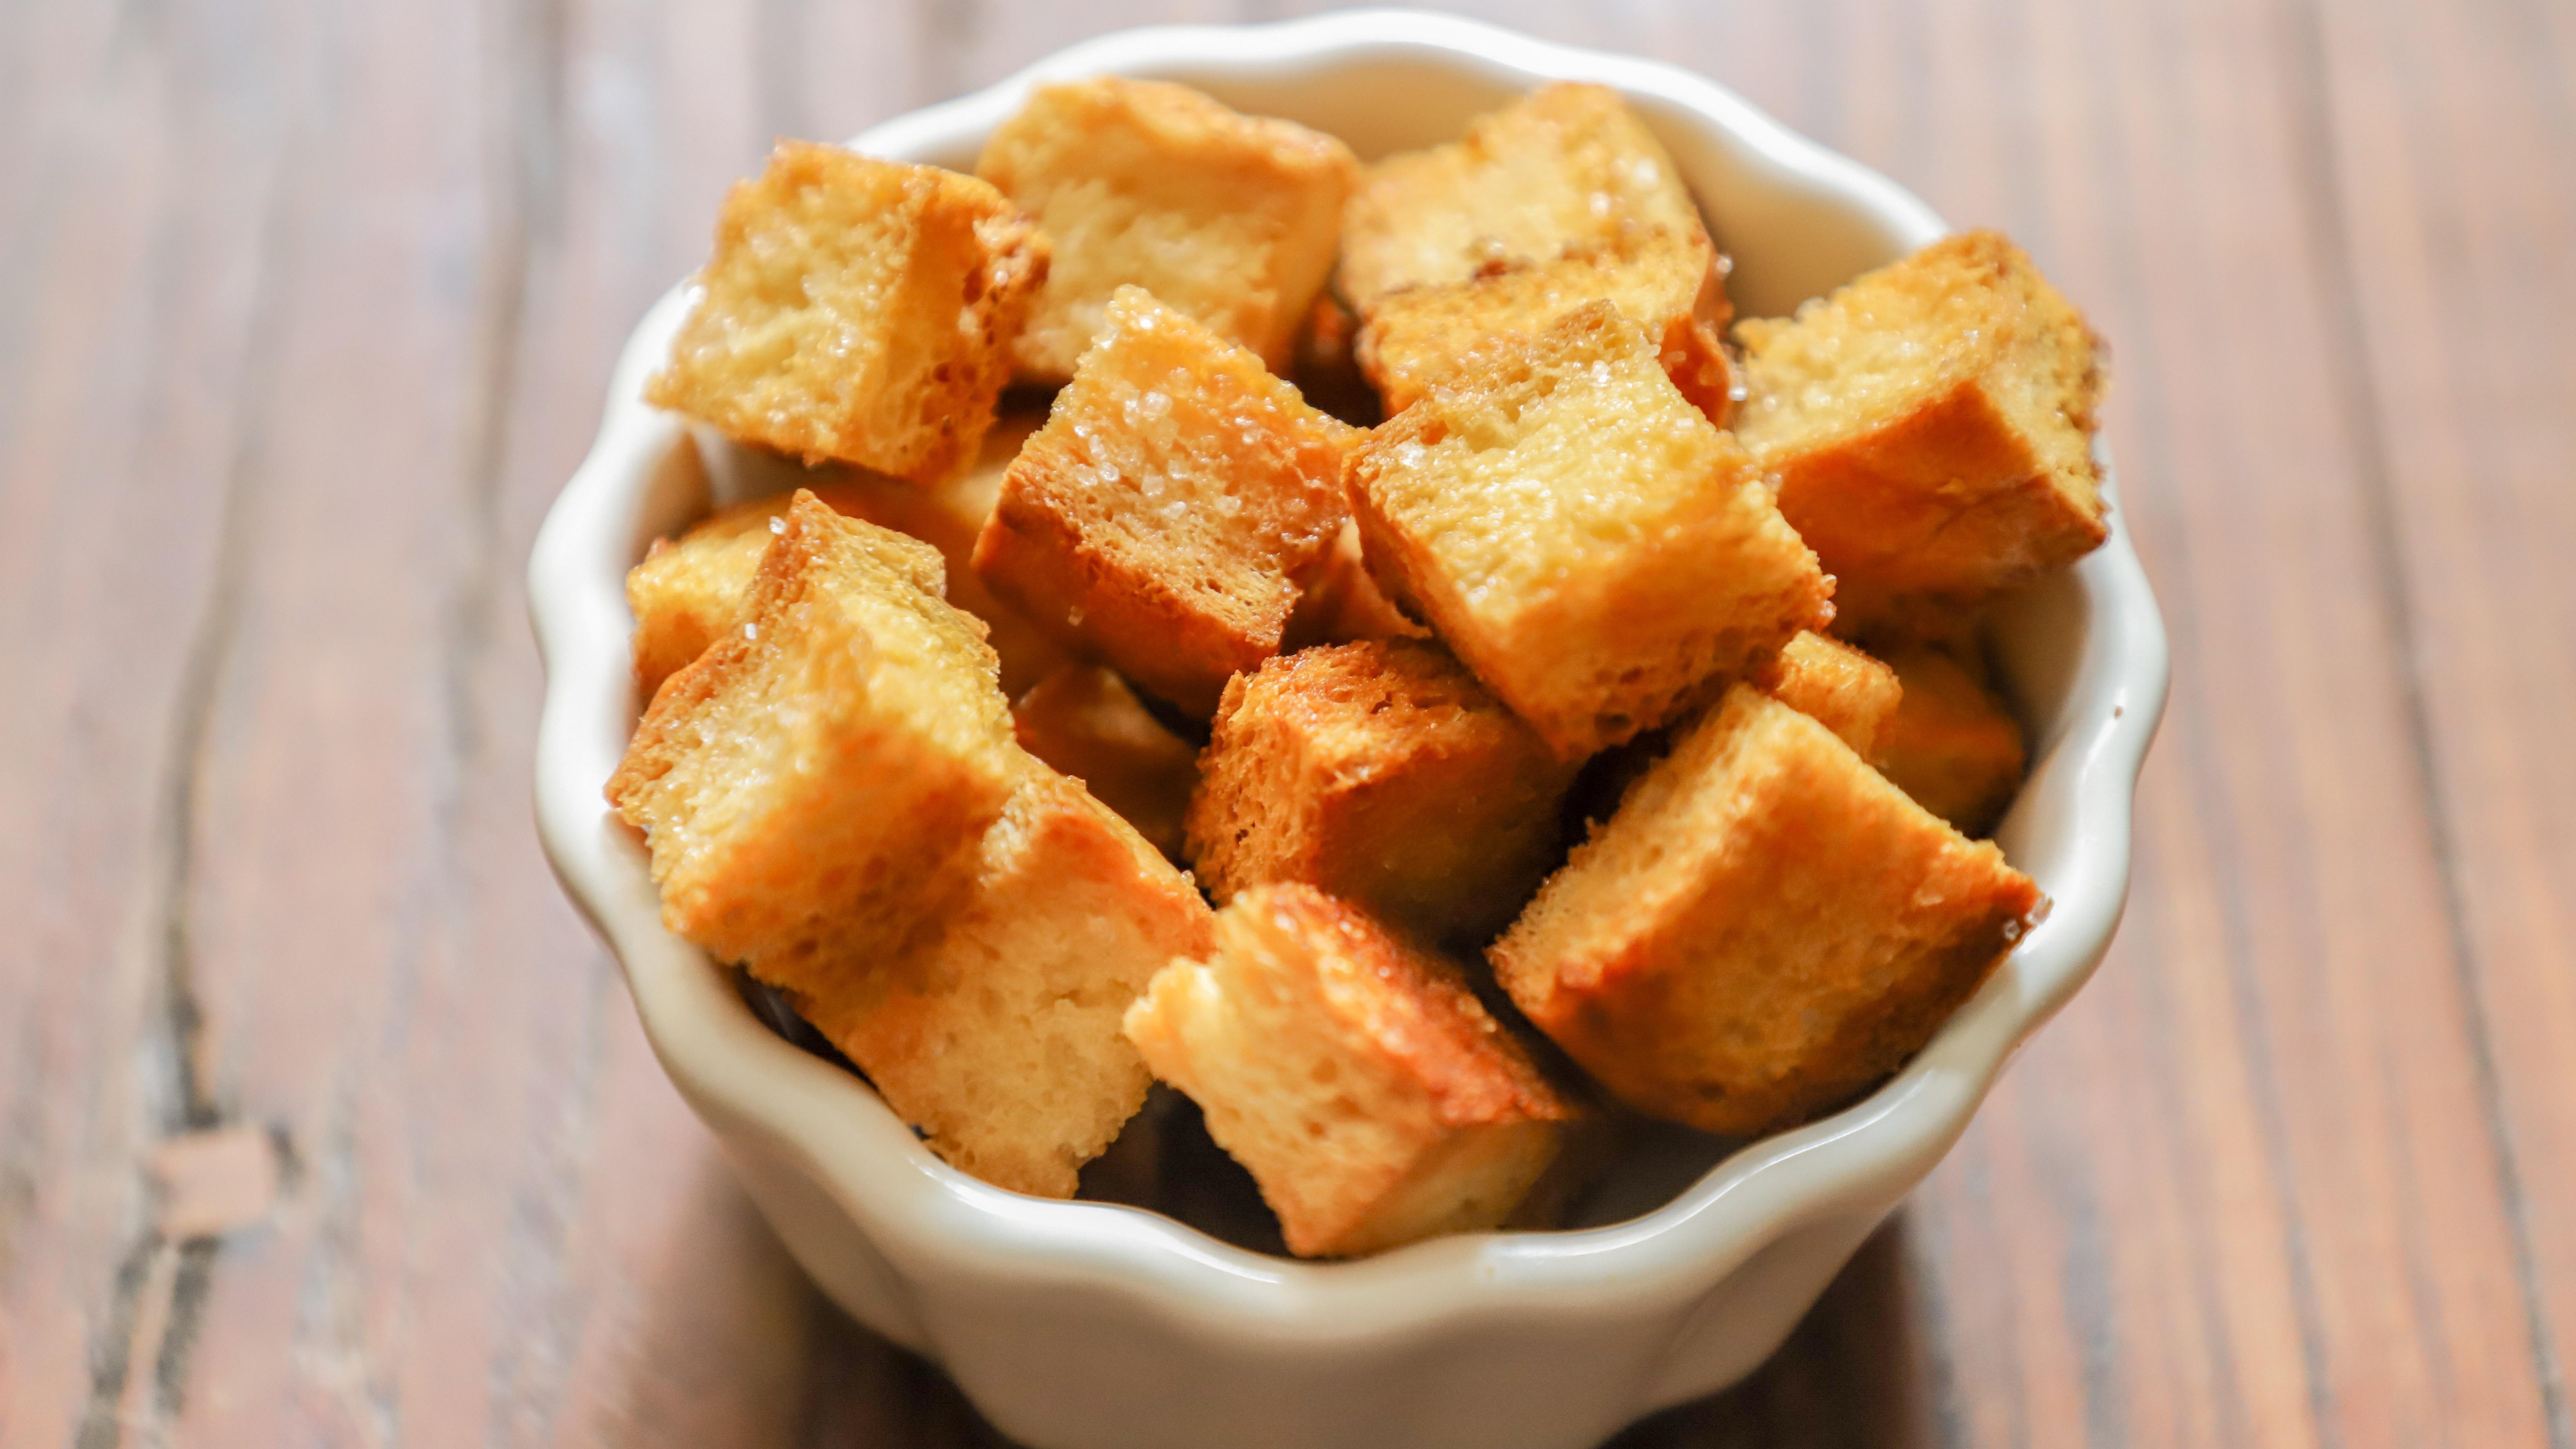 Brot rösten - 3 Tipps für die Resteverwertung